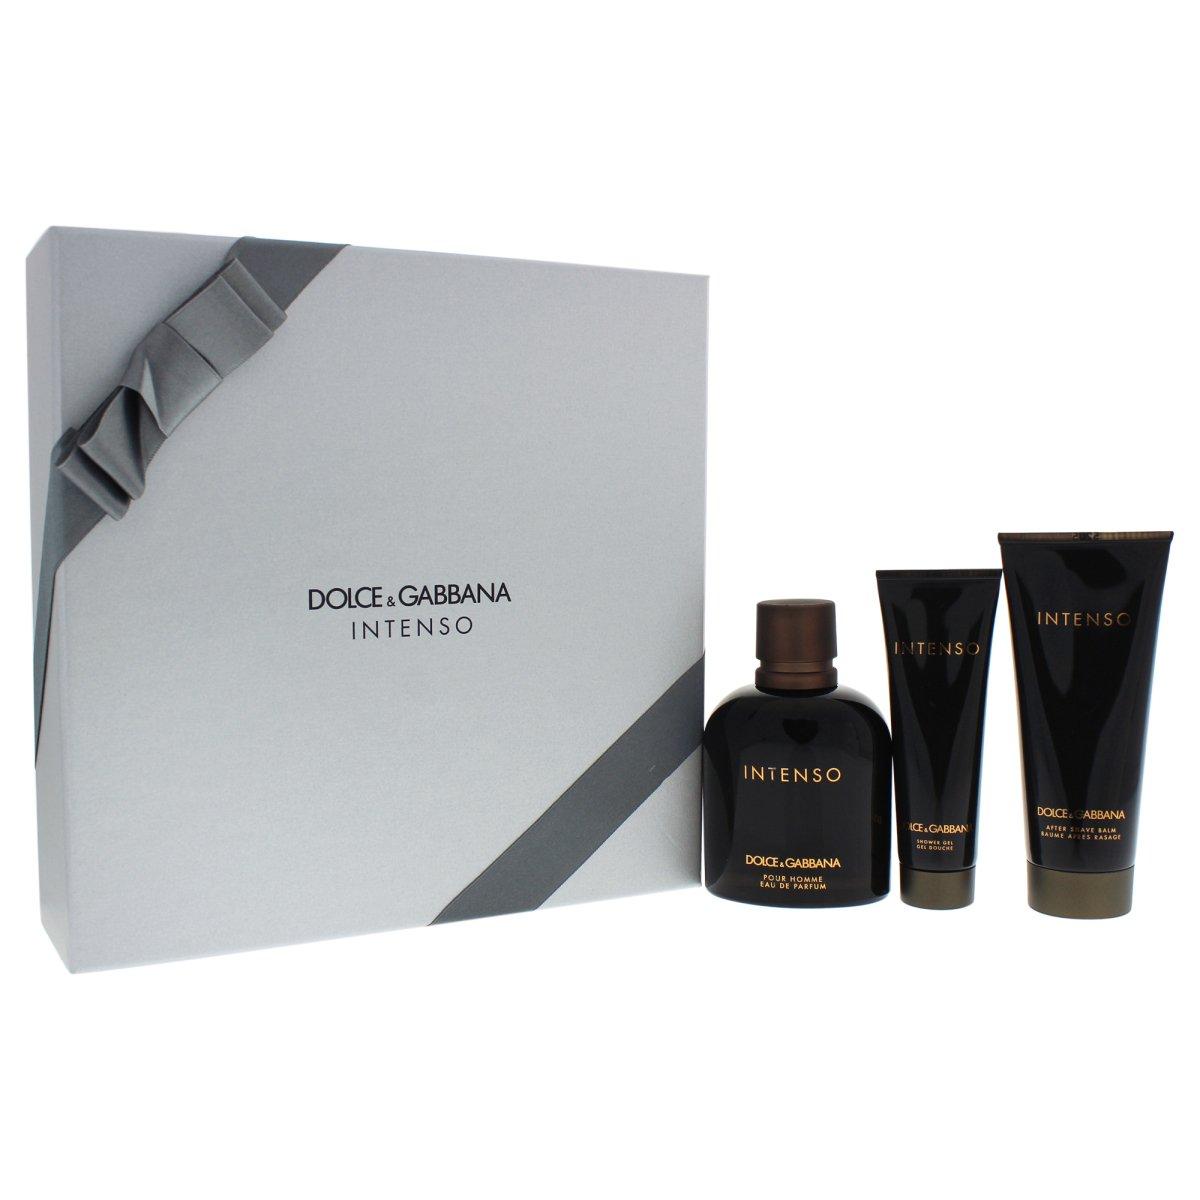 Dolce & Gabbana Intenso Pour Homme, Dárková sada, parfémovaná voda 125ml + balzám po holení 10